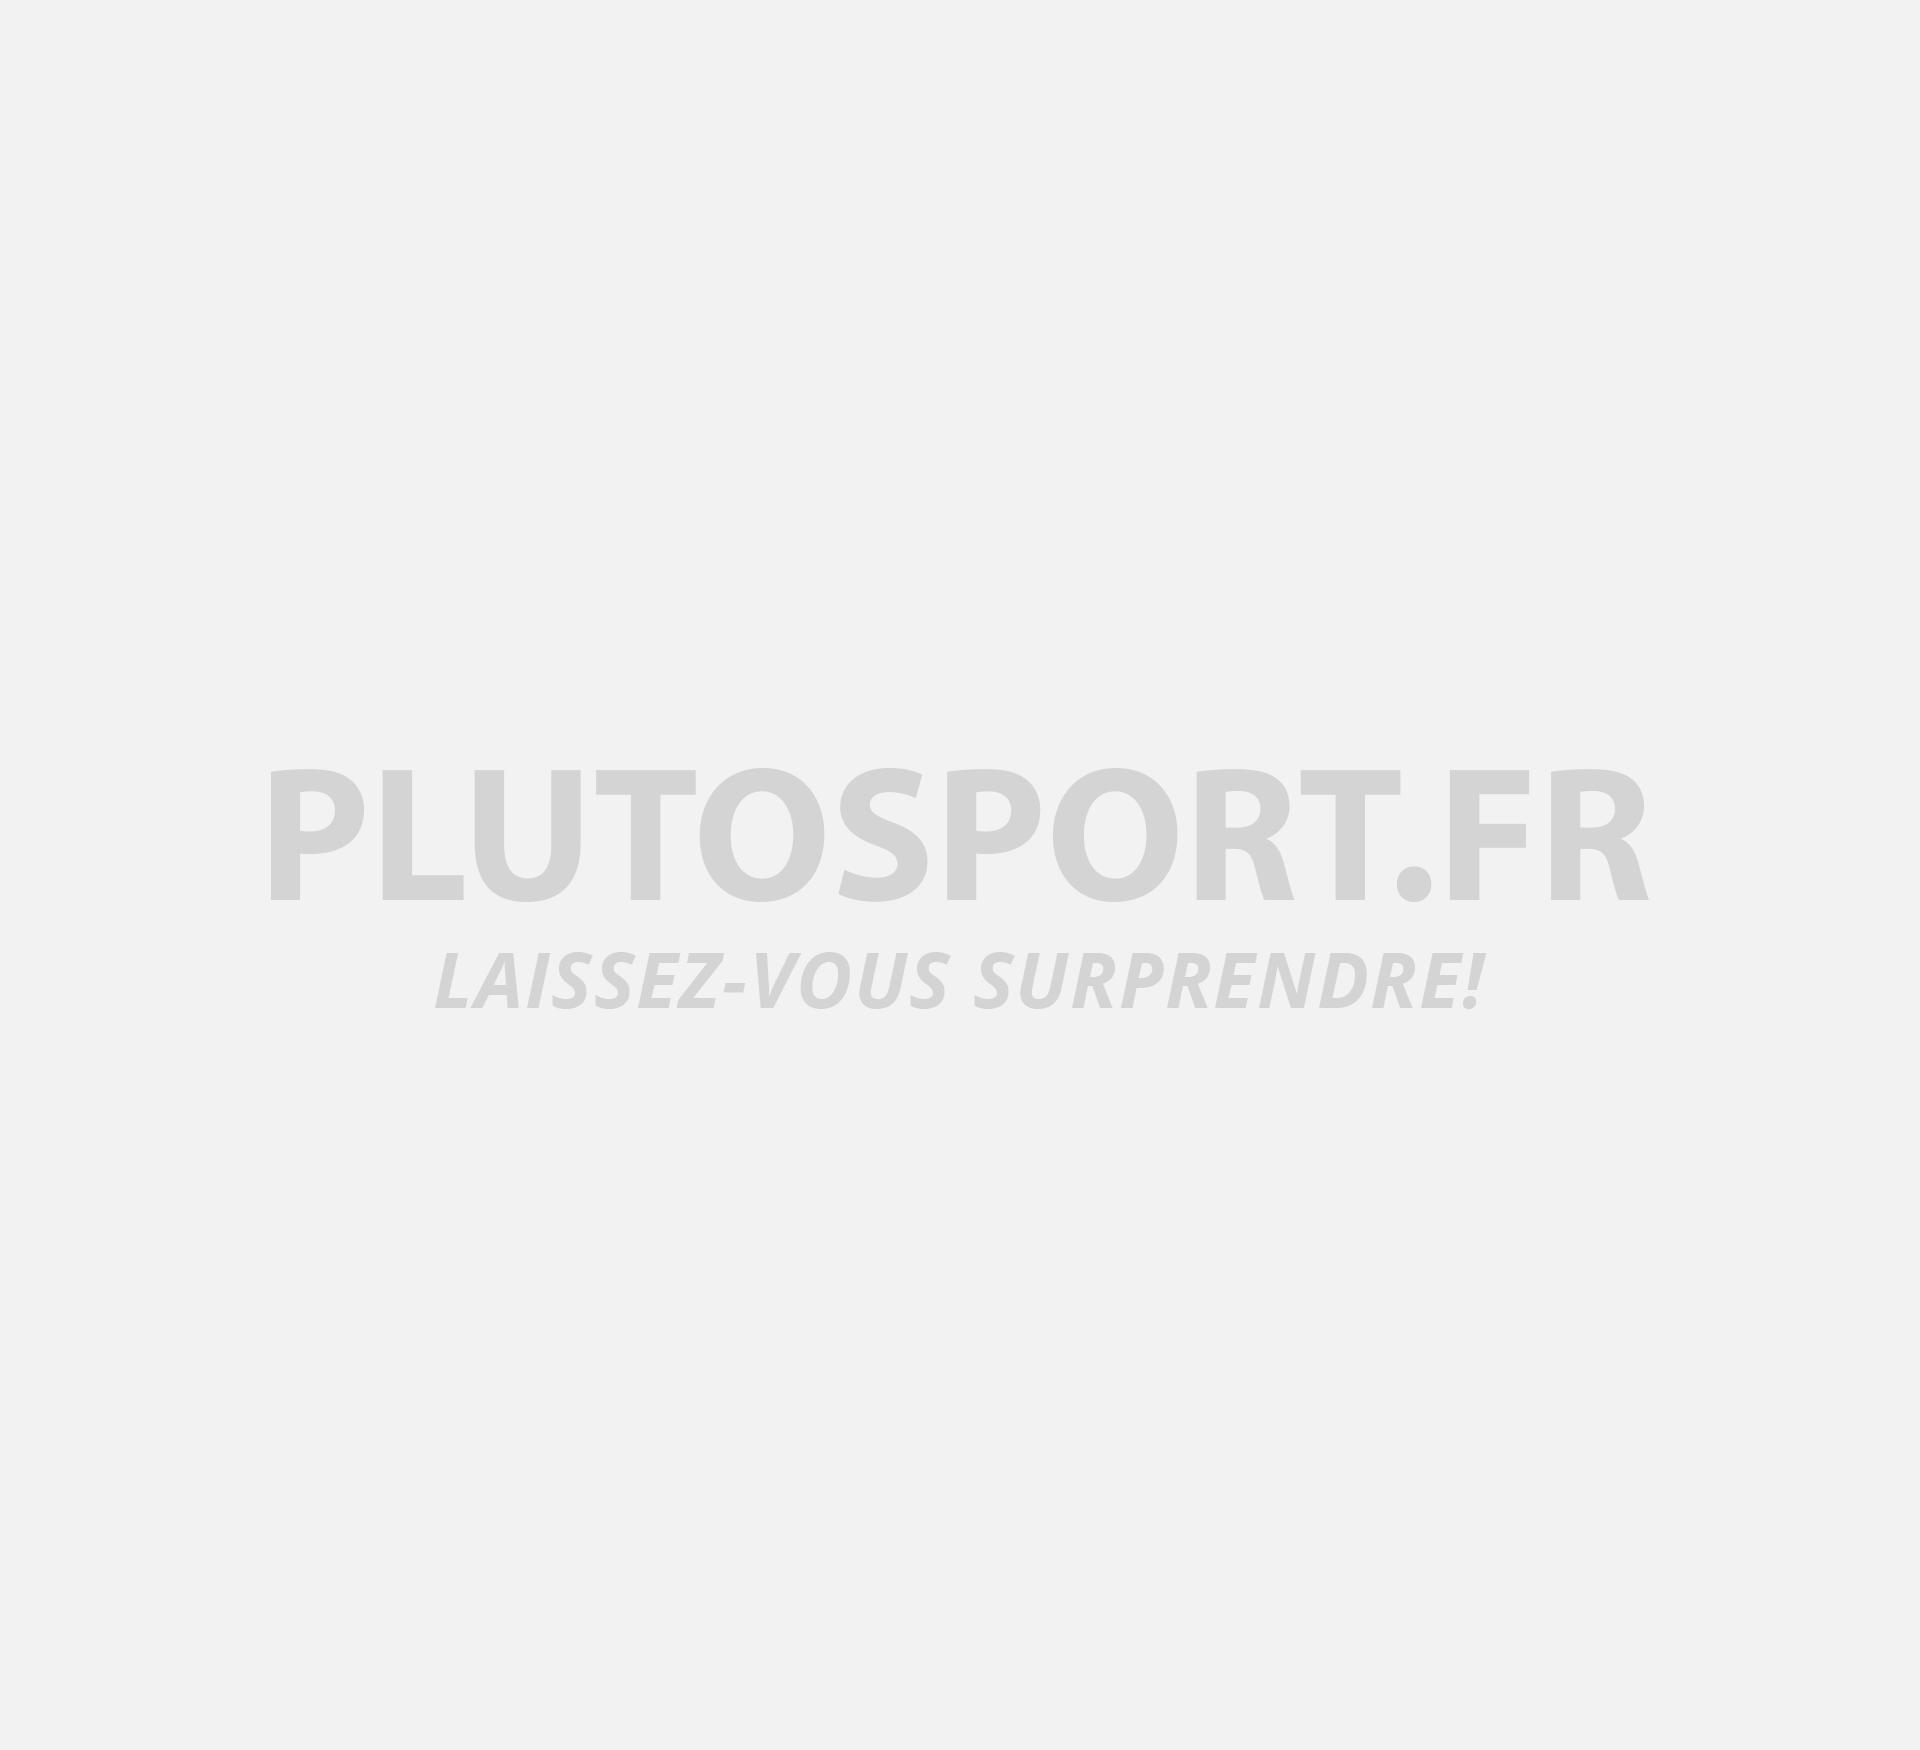 ChaussettesTommy Hilfiger Iconic Sports Quarter (lot de 6 paires)